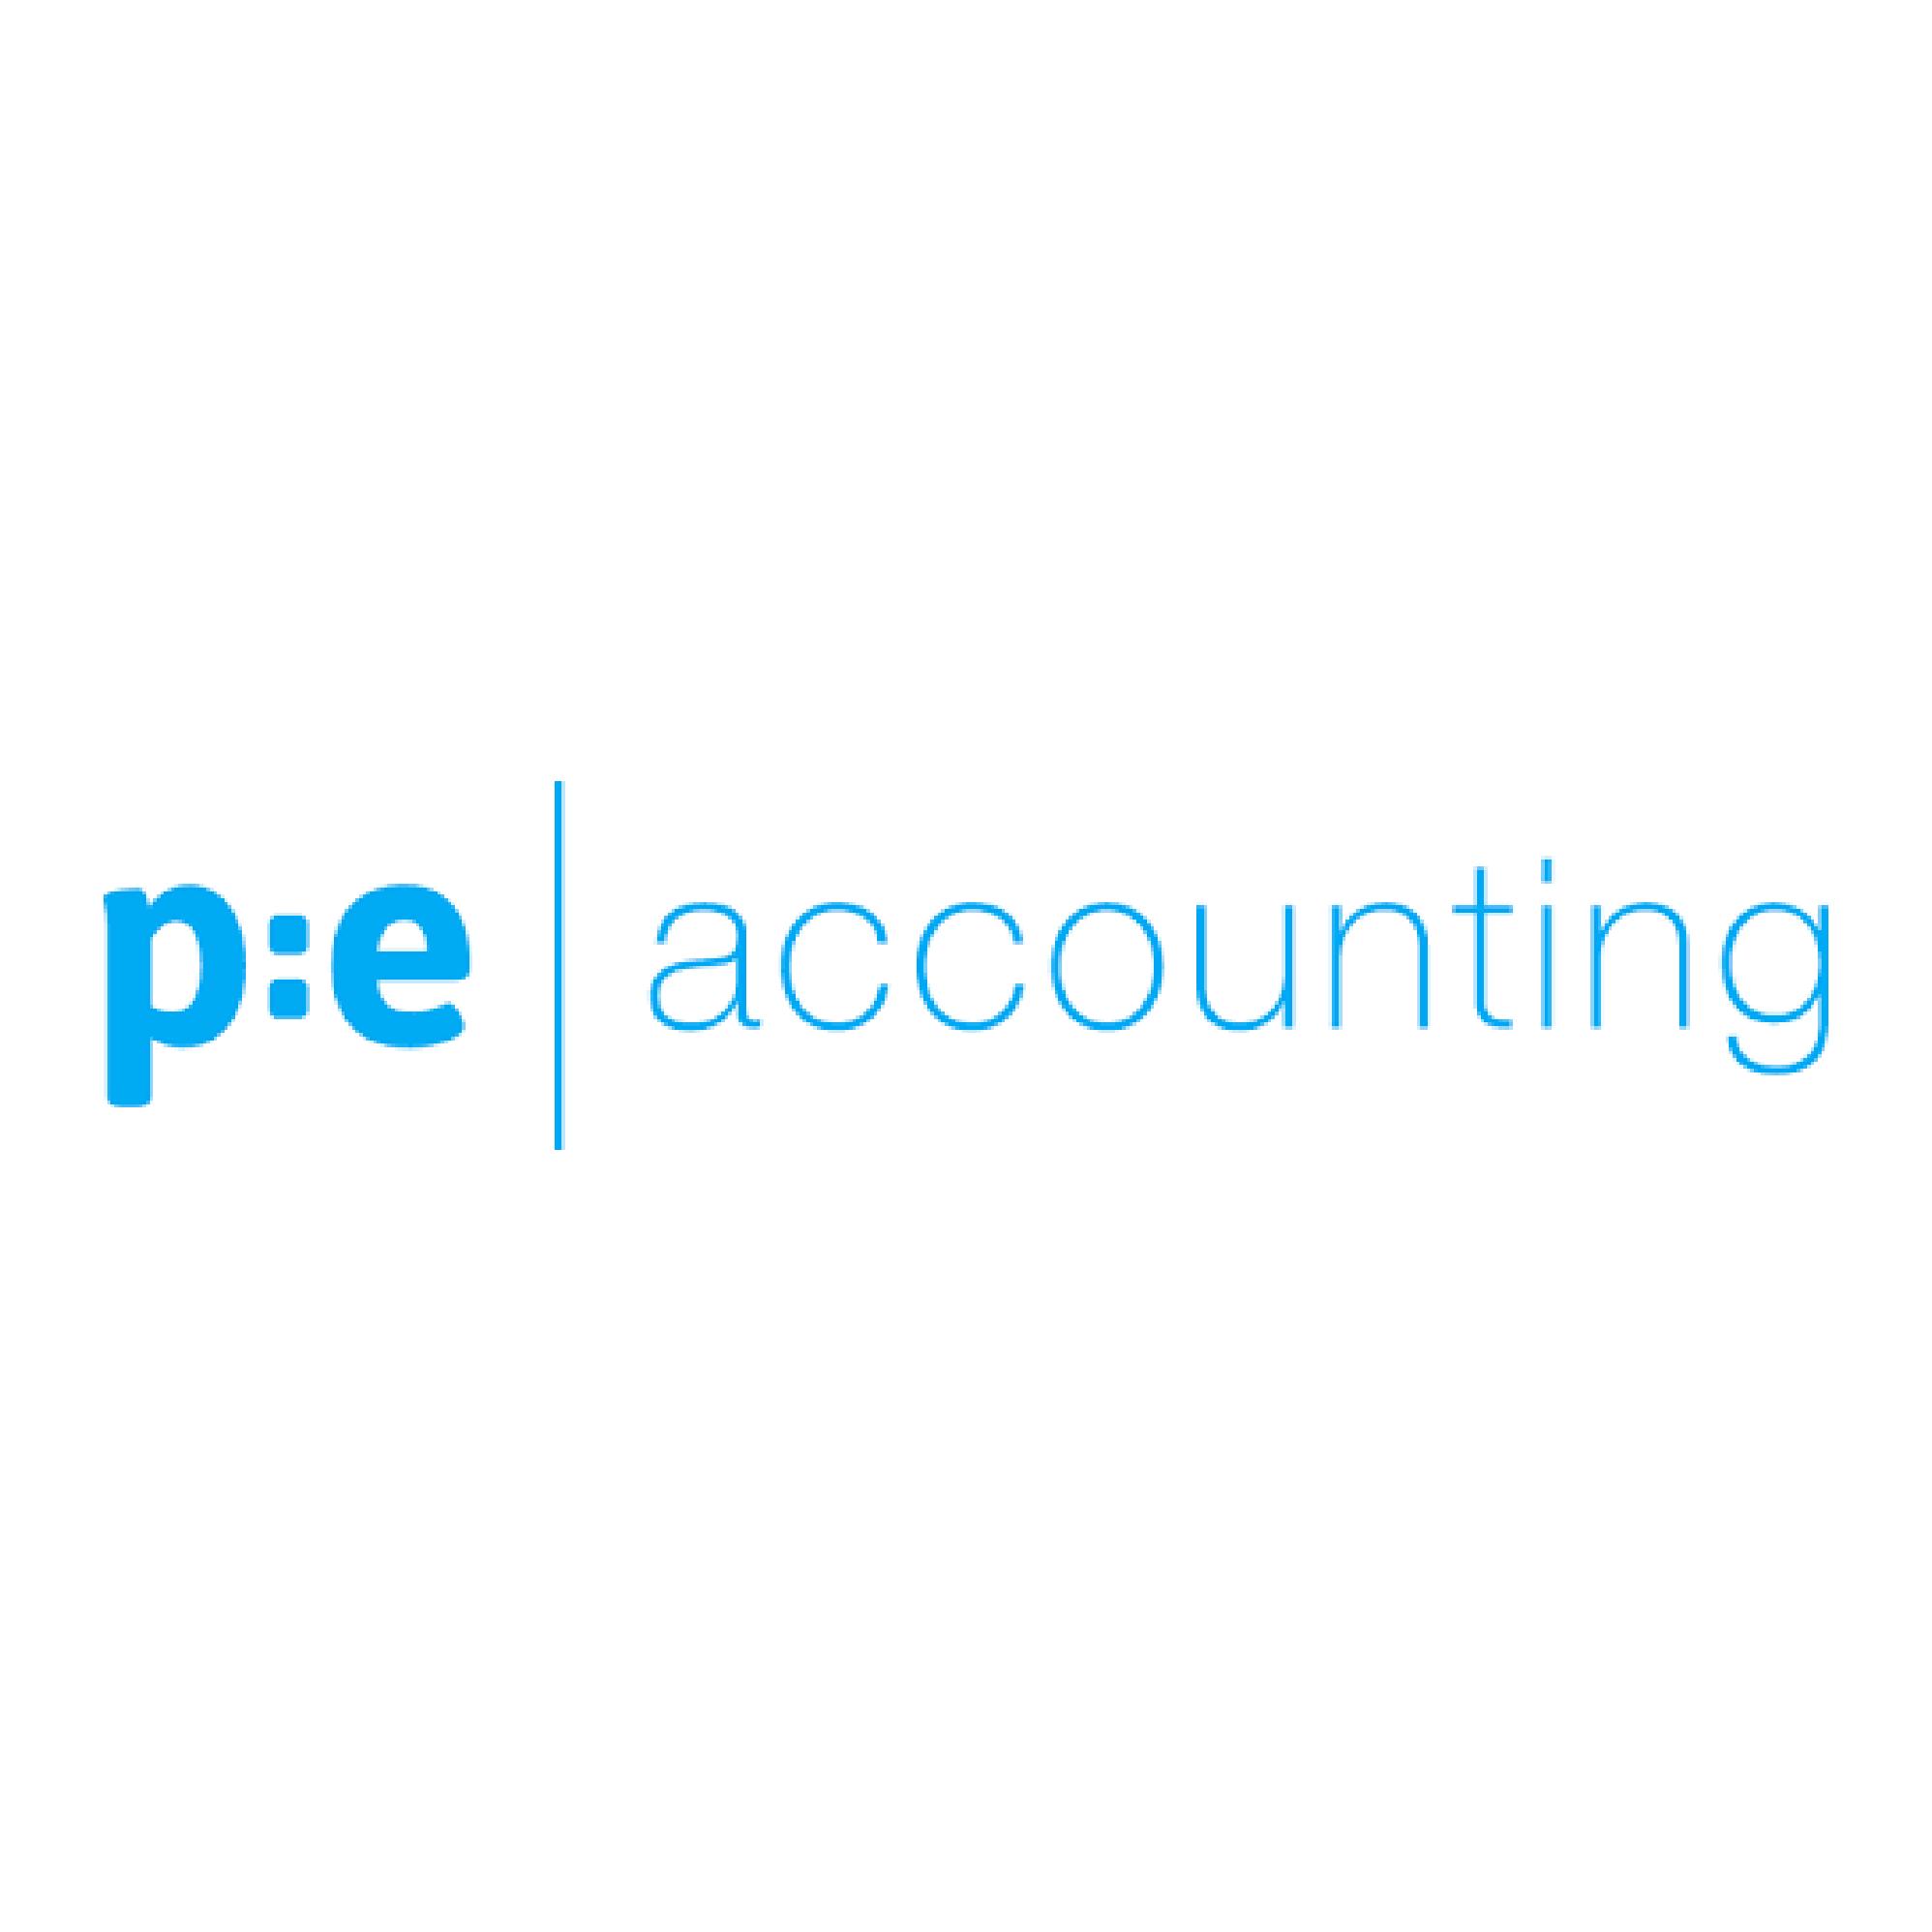 Kundcase PE Accounting